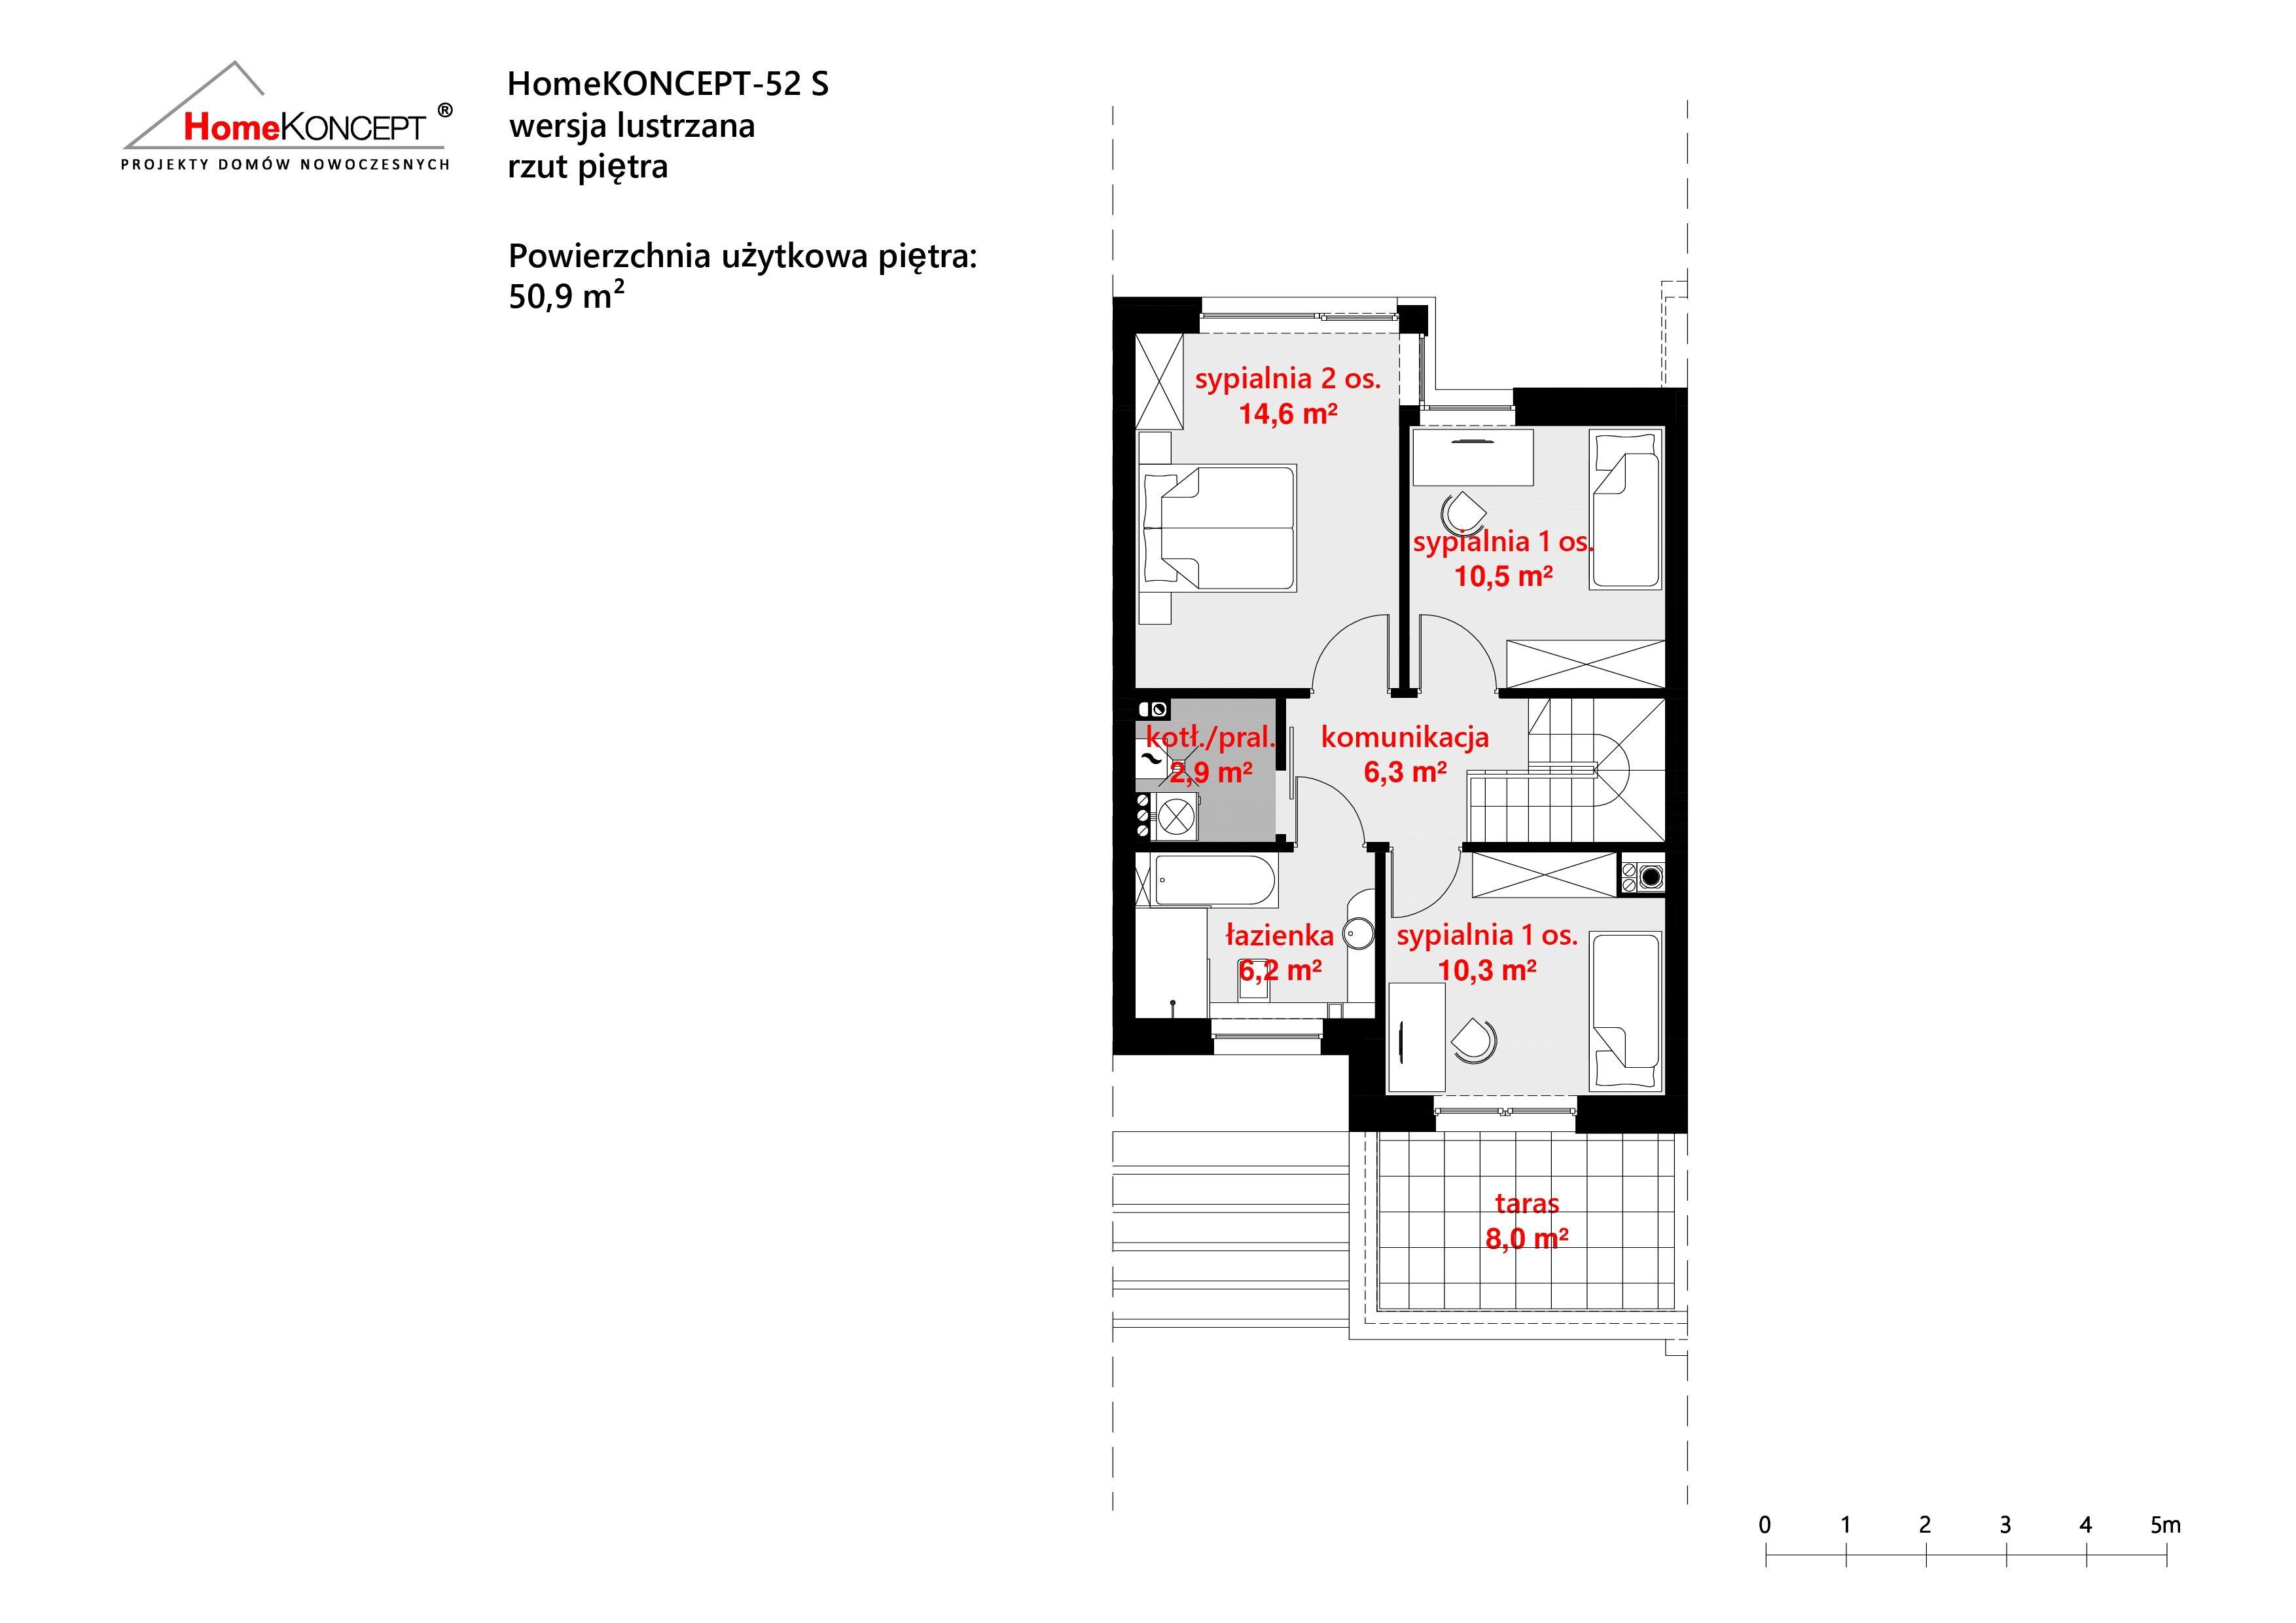 HomeKONCEPT 52 S L piętra